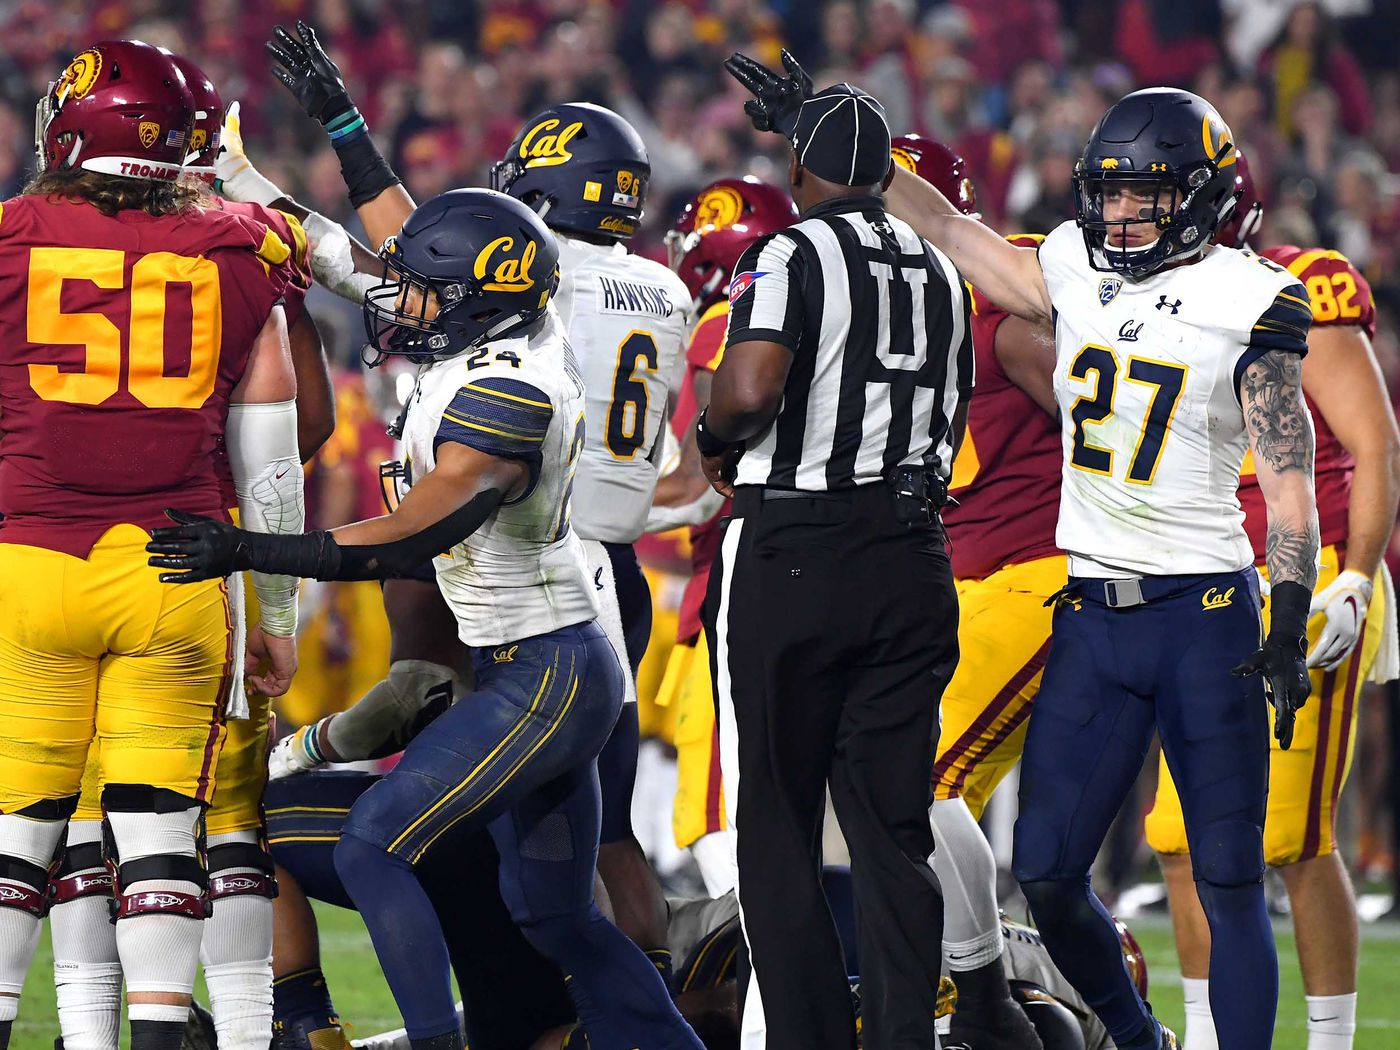 Cal Football 2019 Preview: The Defense - California Golden Blogs